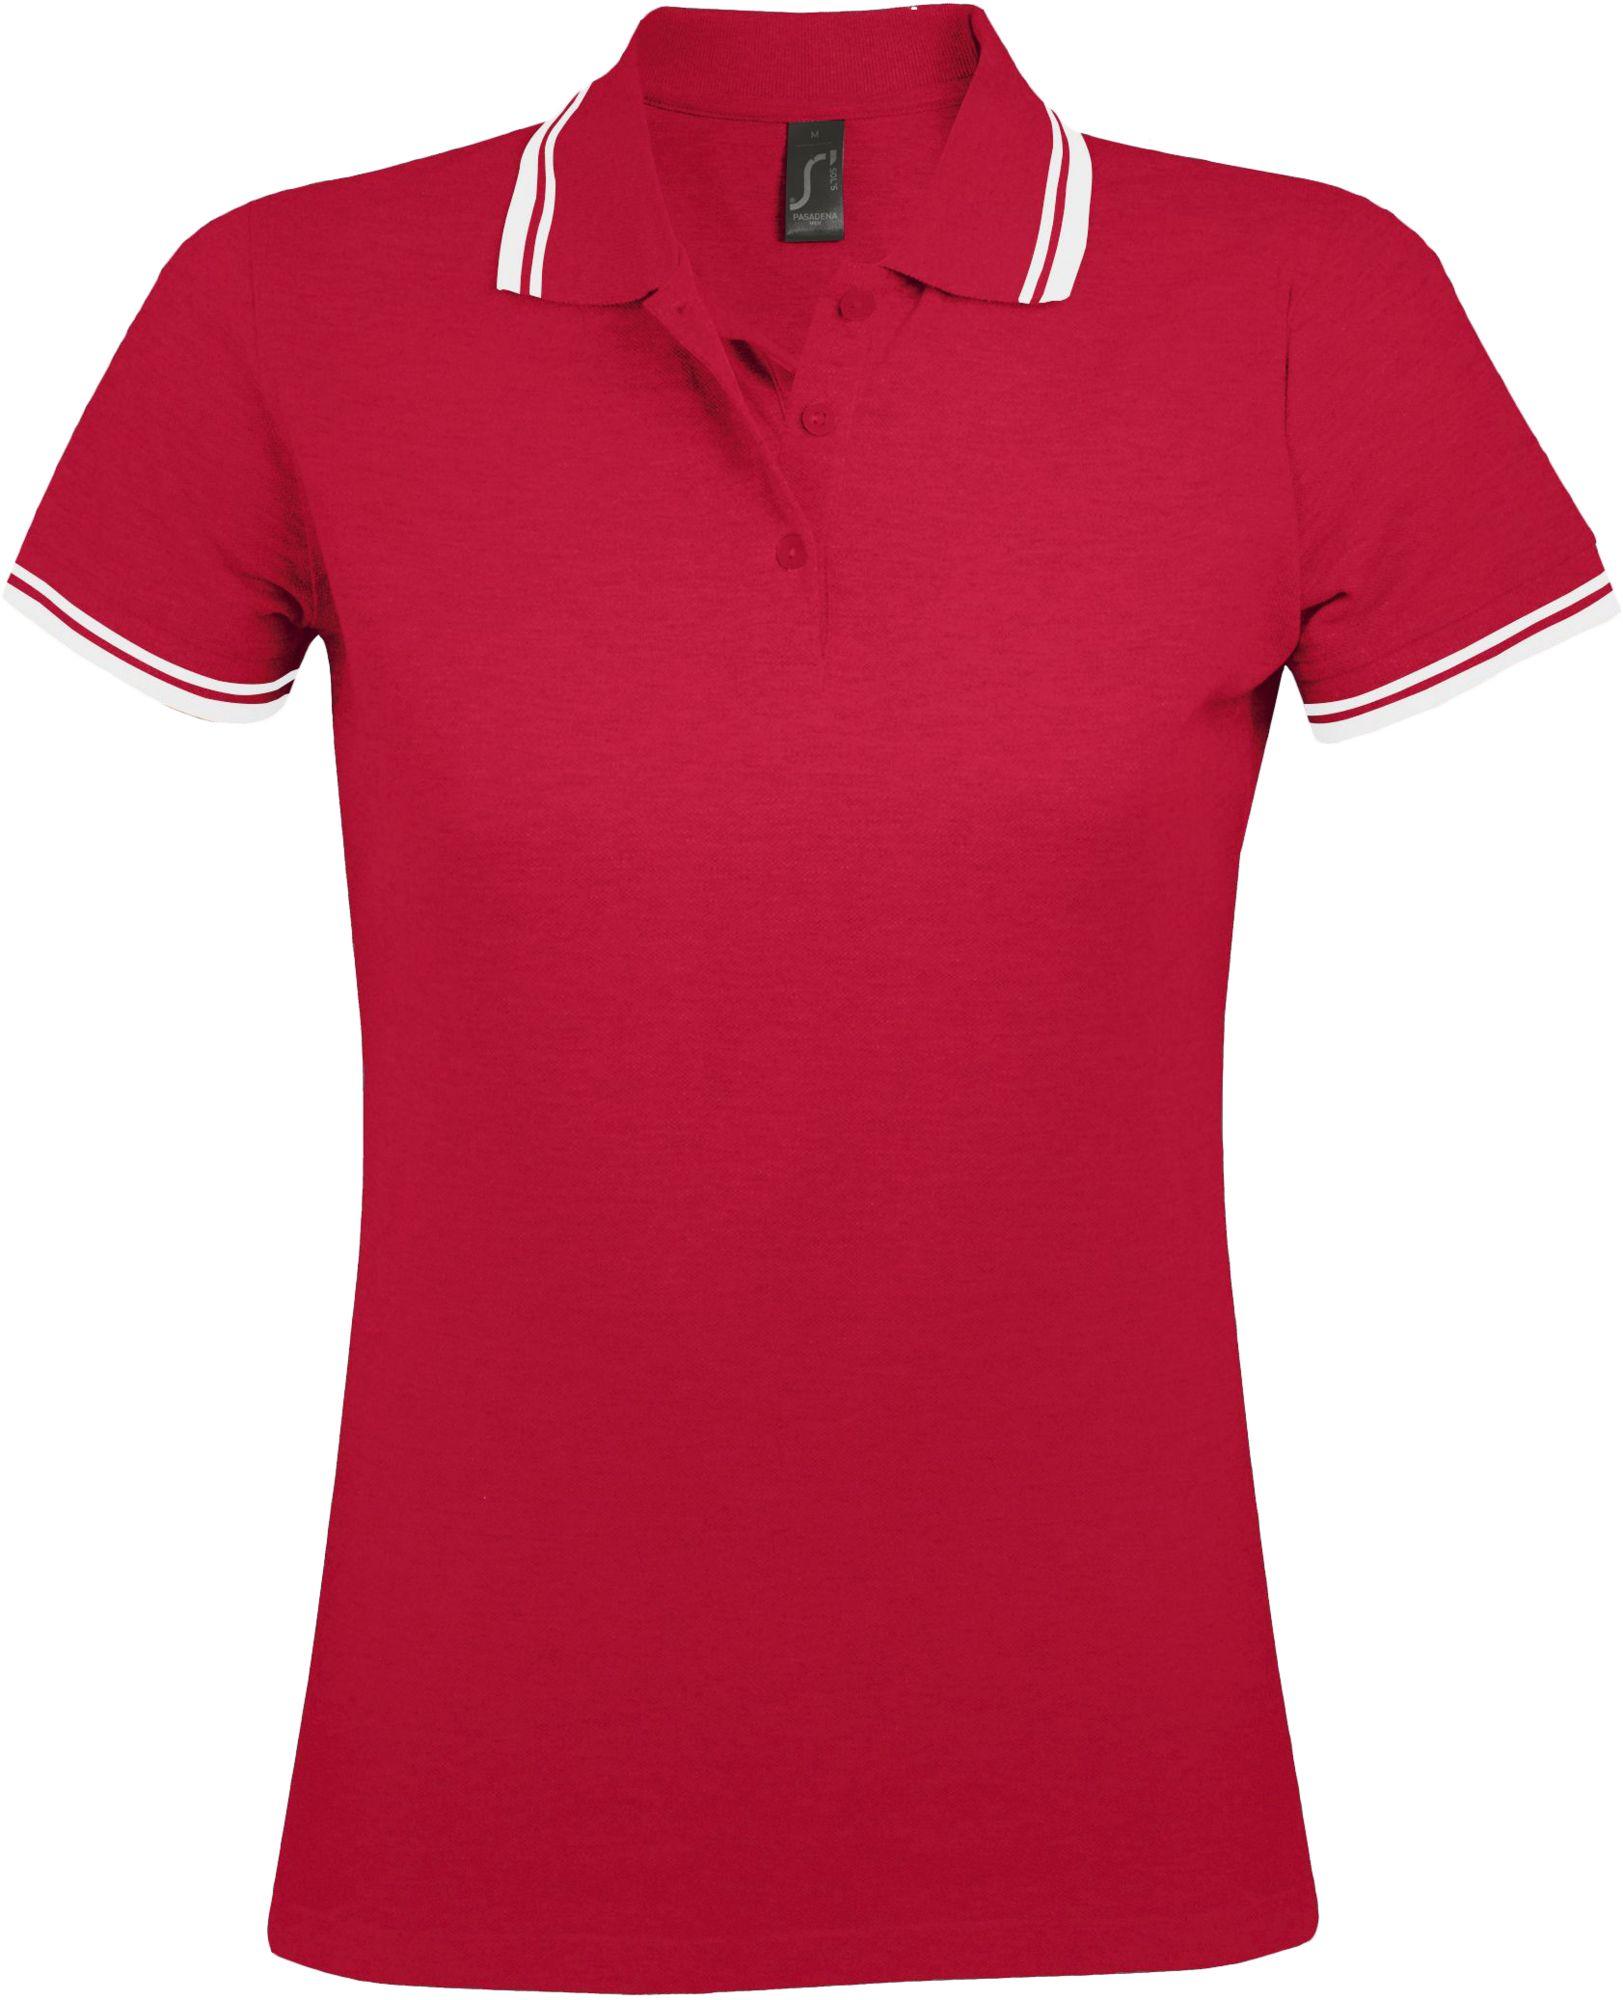 Рубашка поло женская PASADENA WOMEN 200, красная с белым